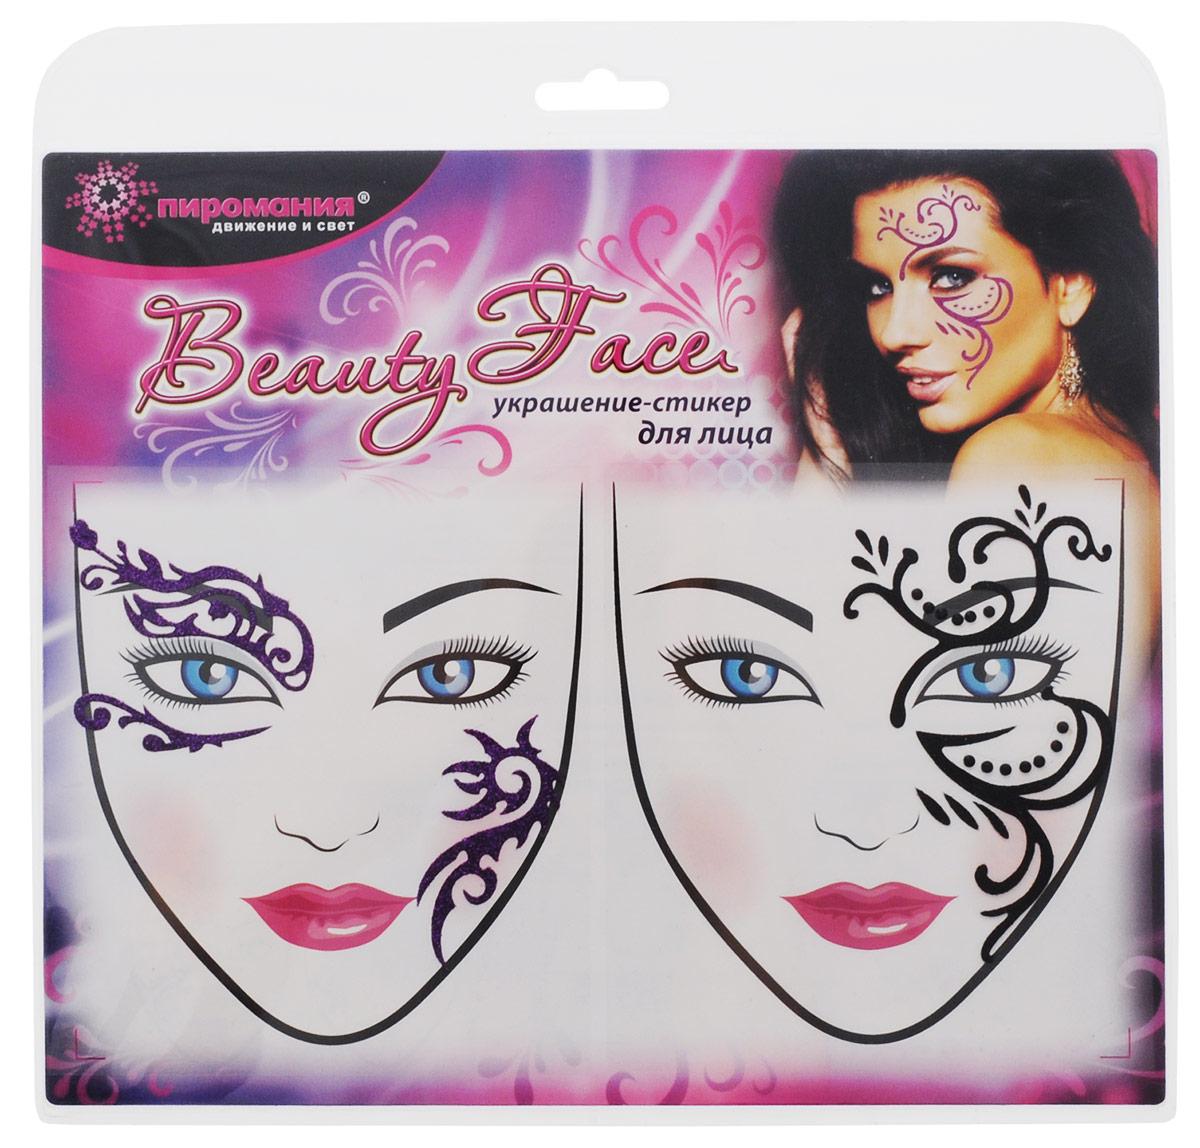 Partymania Украшение-стикер для лица Beauty Face цвет фиолетовый черный 2 шт